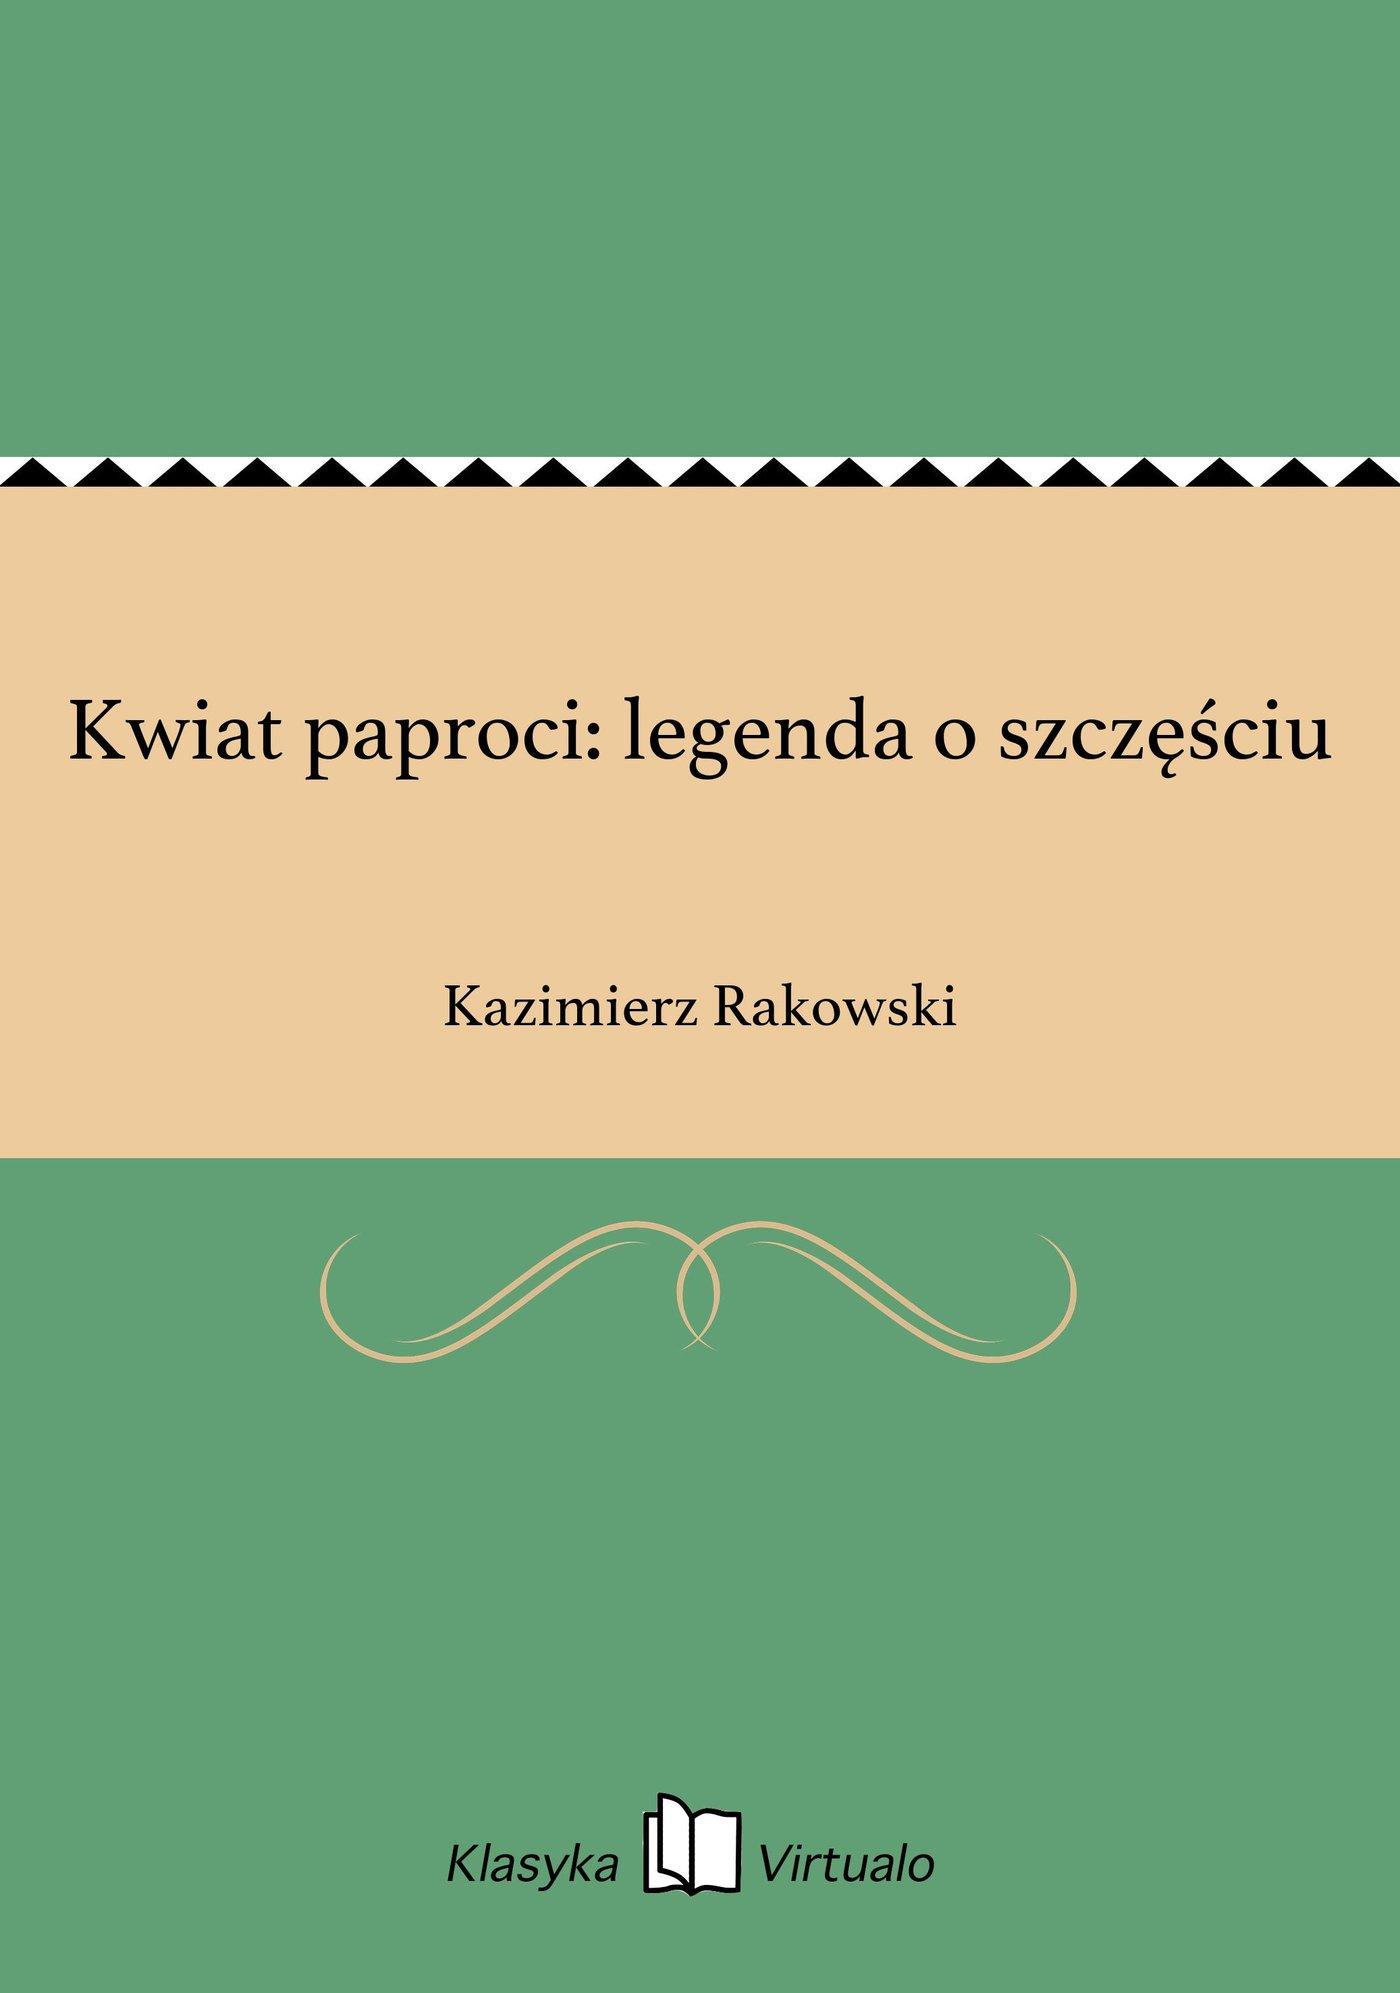 Kwiat paproci: legenda o szczęściu - Ebook (Książka na Kindle) do pobrania w formacie MOBI